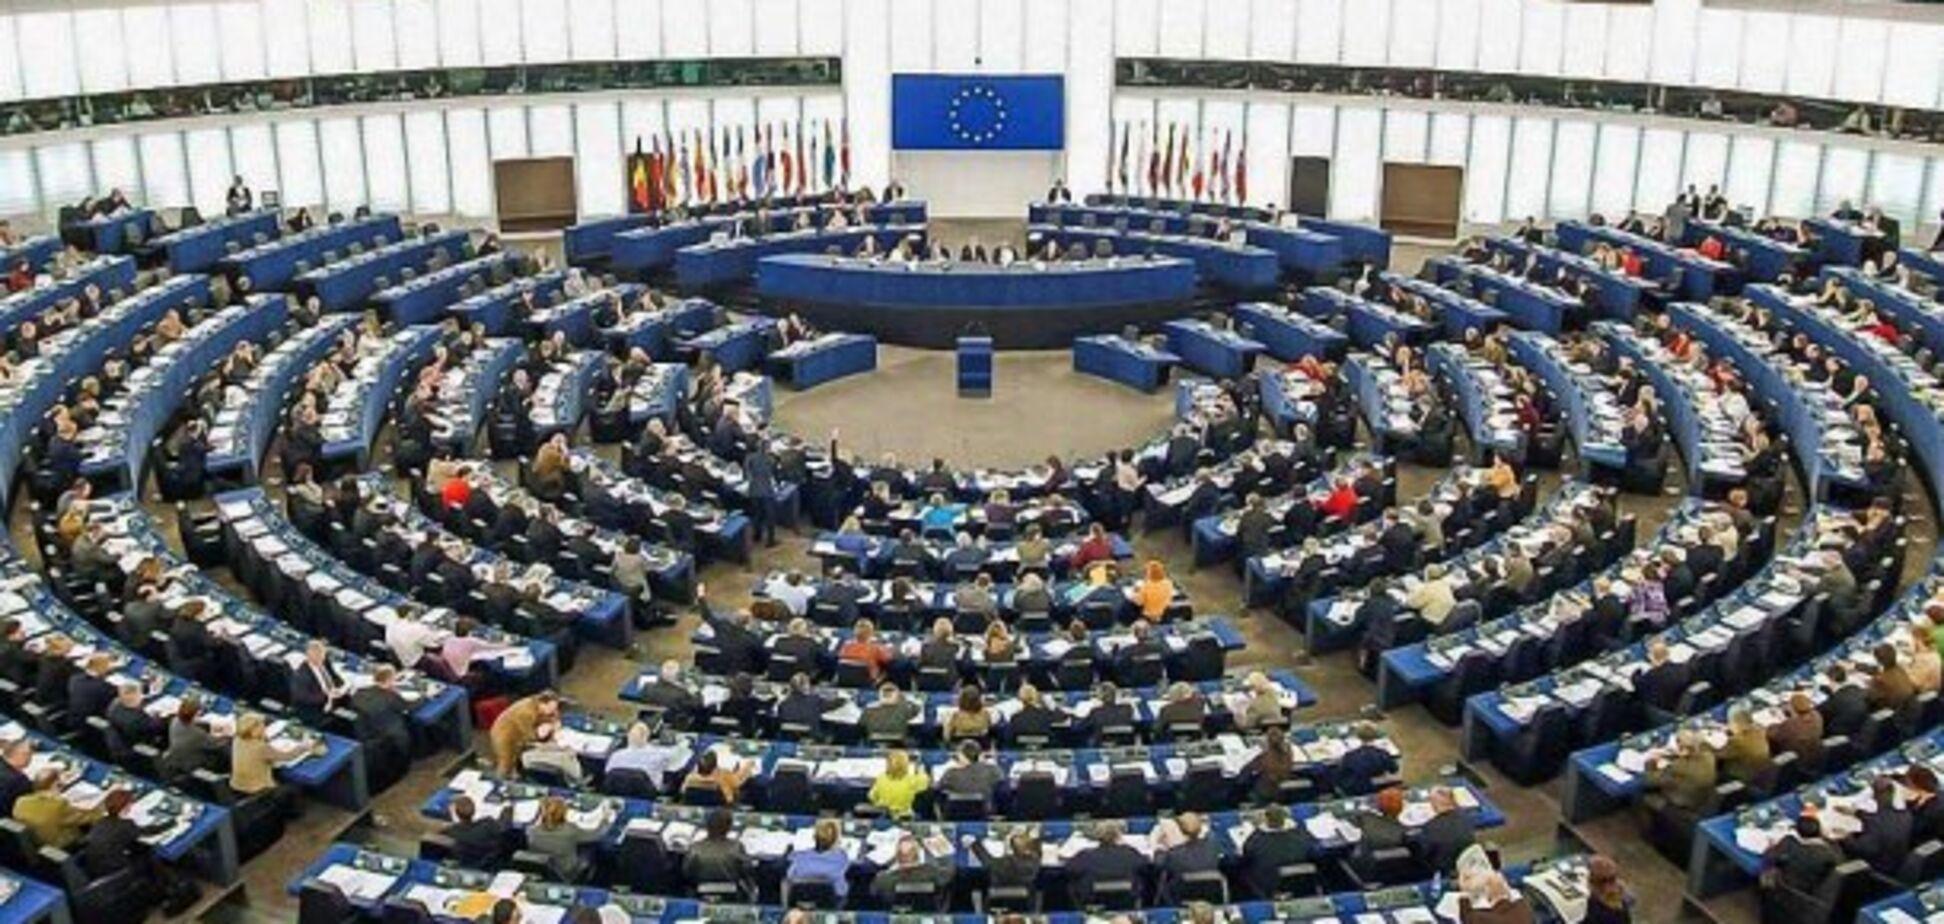 Украина получила поддержку в Европарламенте: что известно